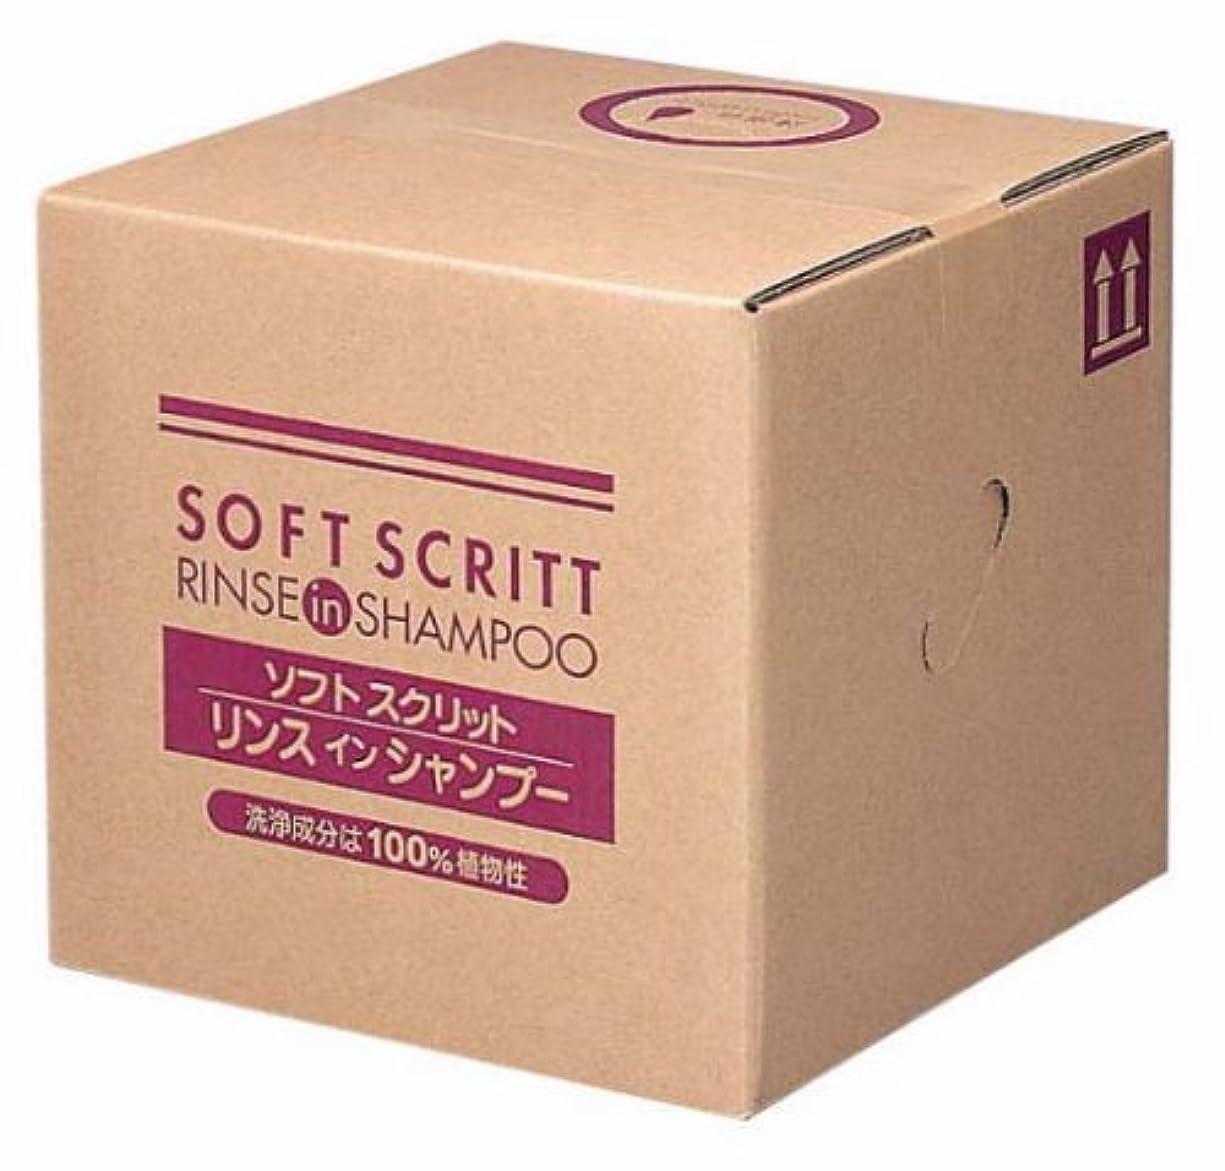 職人モンスター化合物熊野油脂 業務用 SOFT SCRITT(ソフト スクリット) リンスインシャンプー 18L